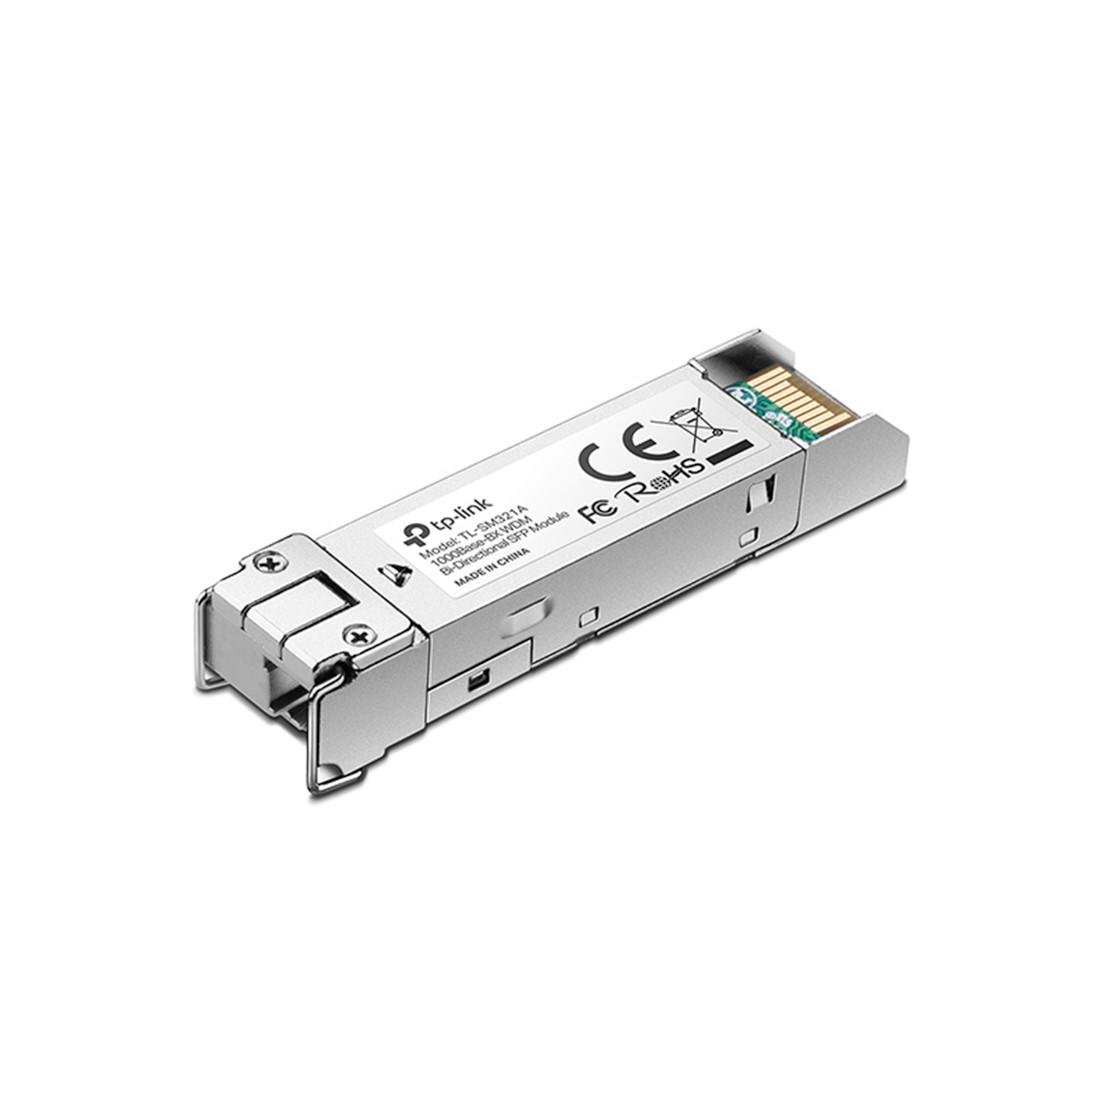 TP-Link TL-SM321A WDM Двунаправленный SFP модуль